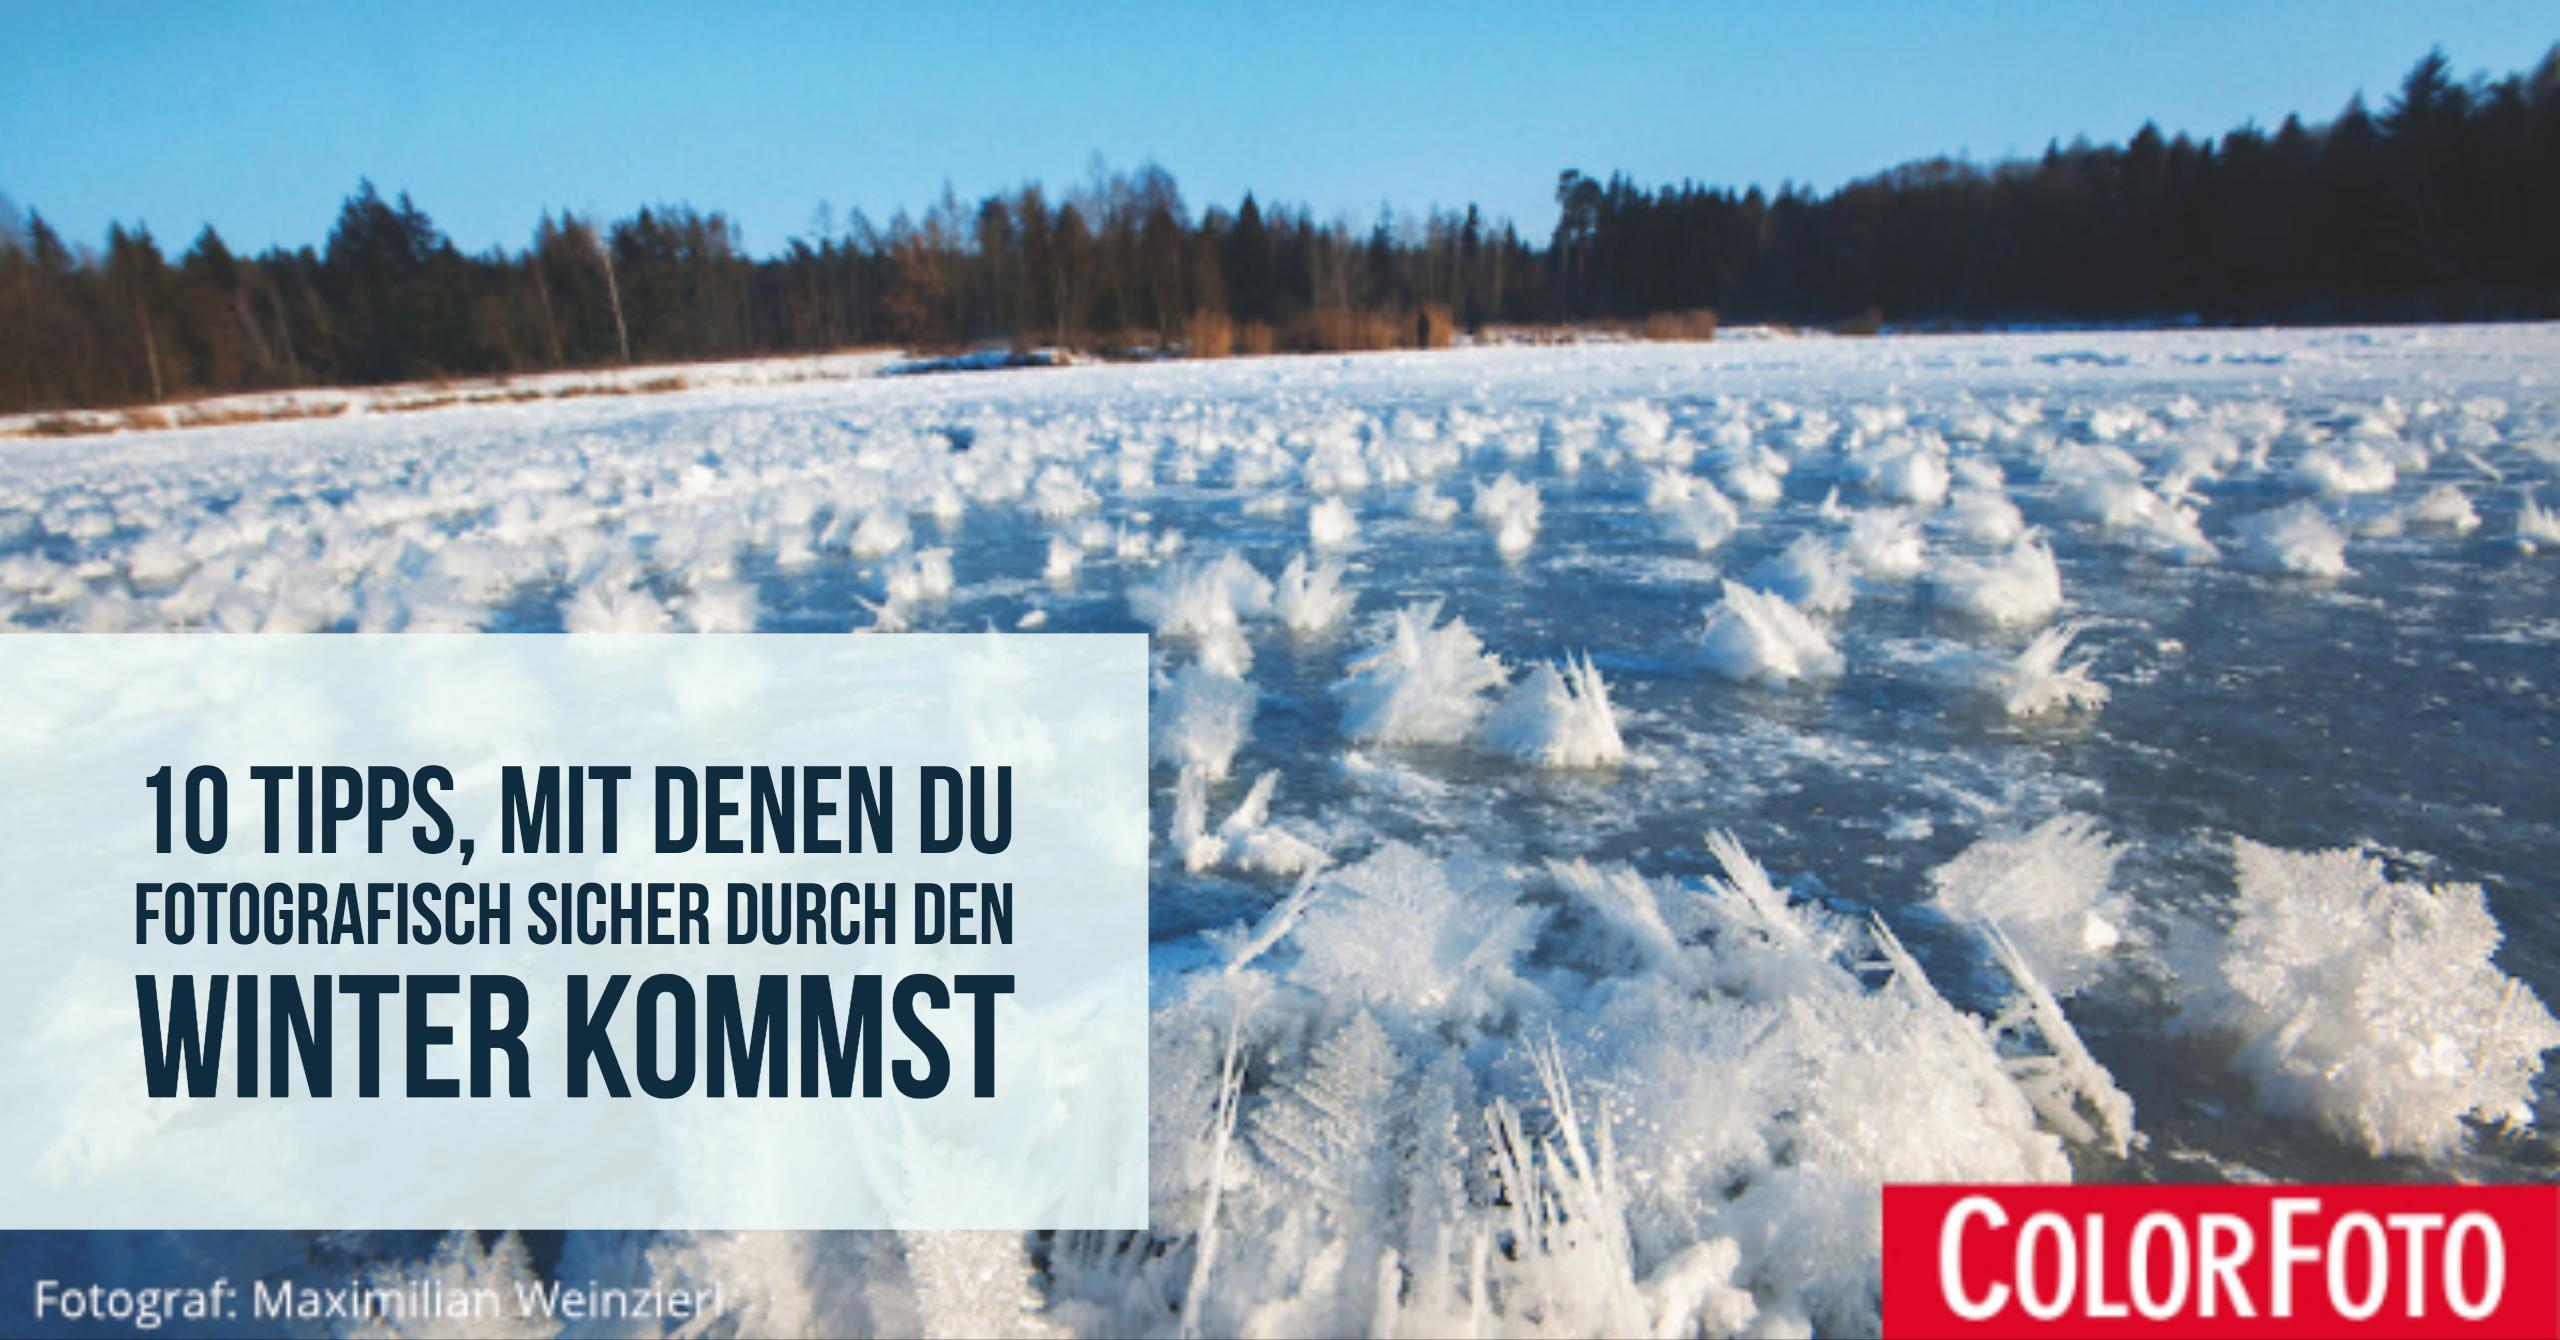 10-tipps-fotografisch-sicher-durch-winter-teaser